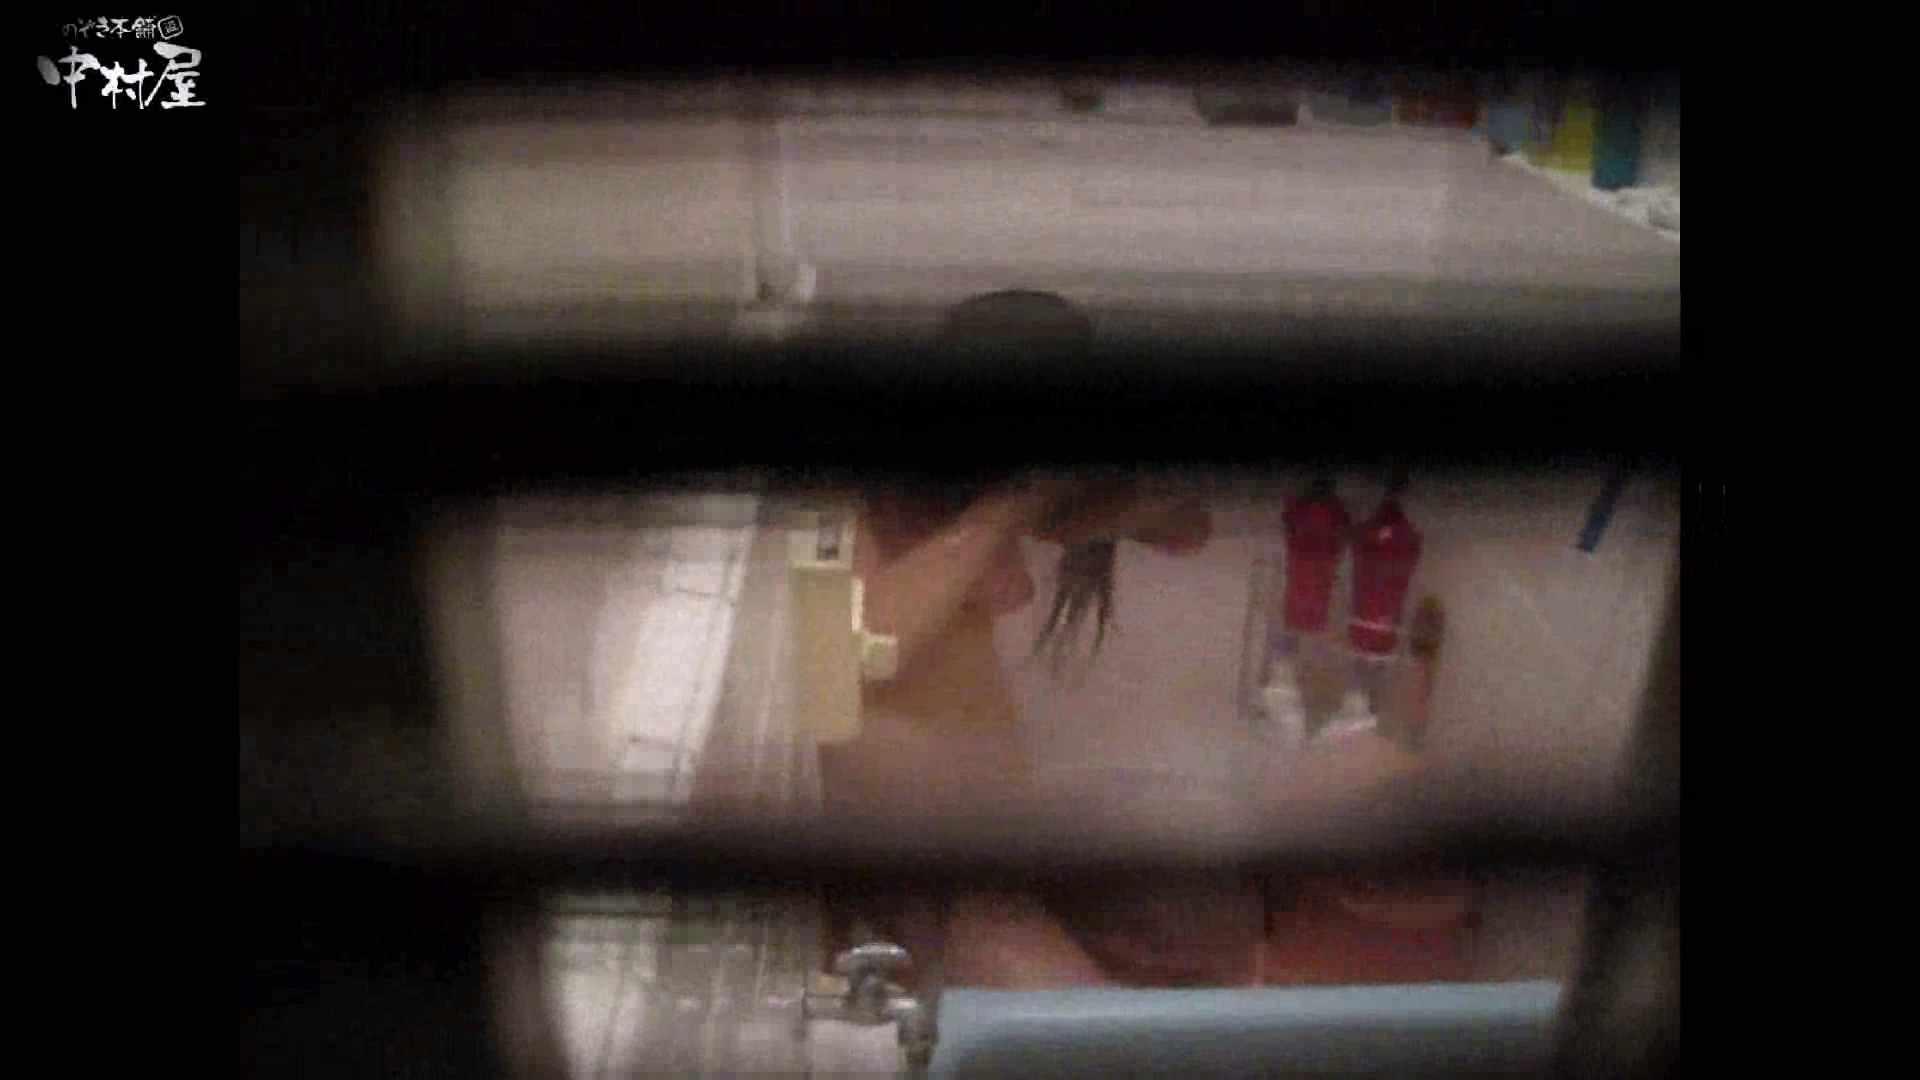 民家風呂専門盗撮師の超危険映像 vol.017 OLエロ画像 覗きオメコ動画キャプチャ 93PICs 86